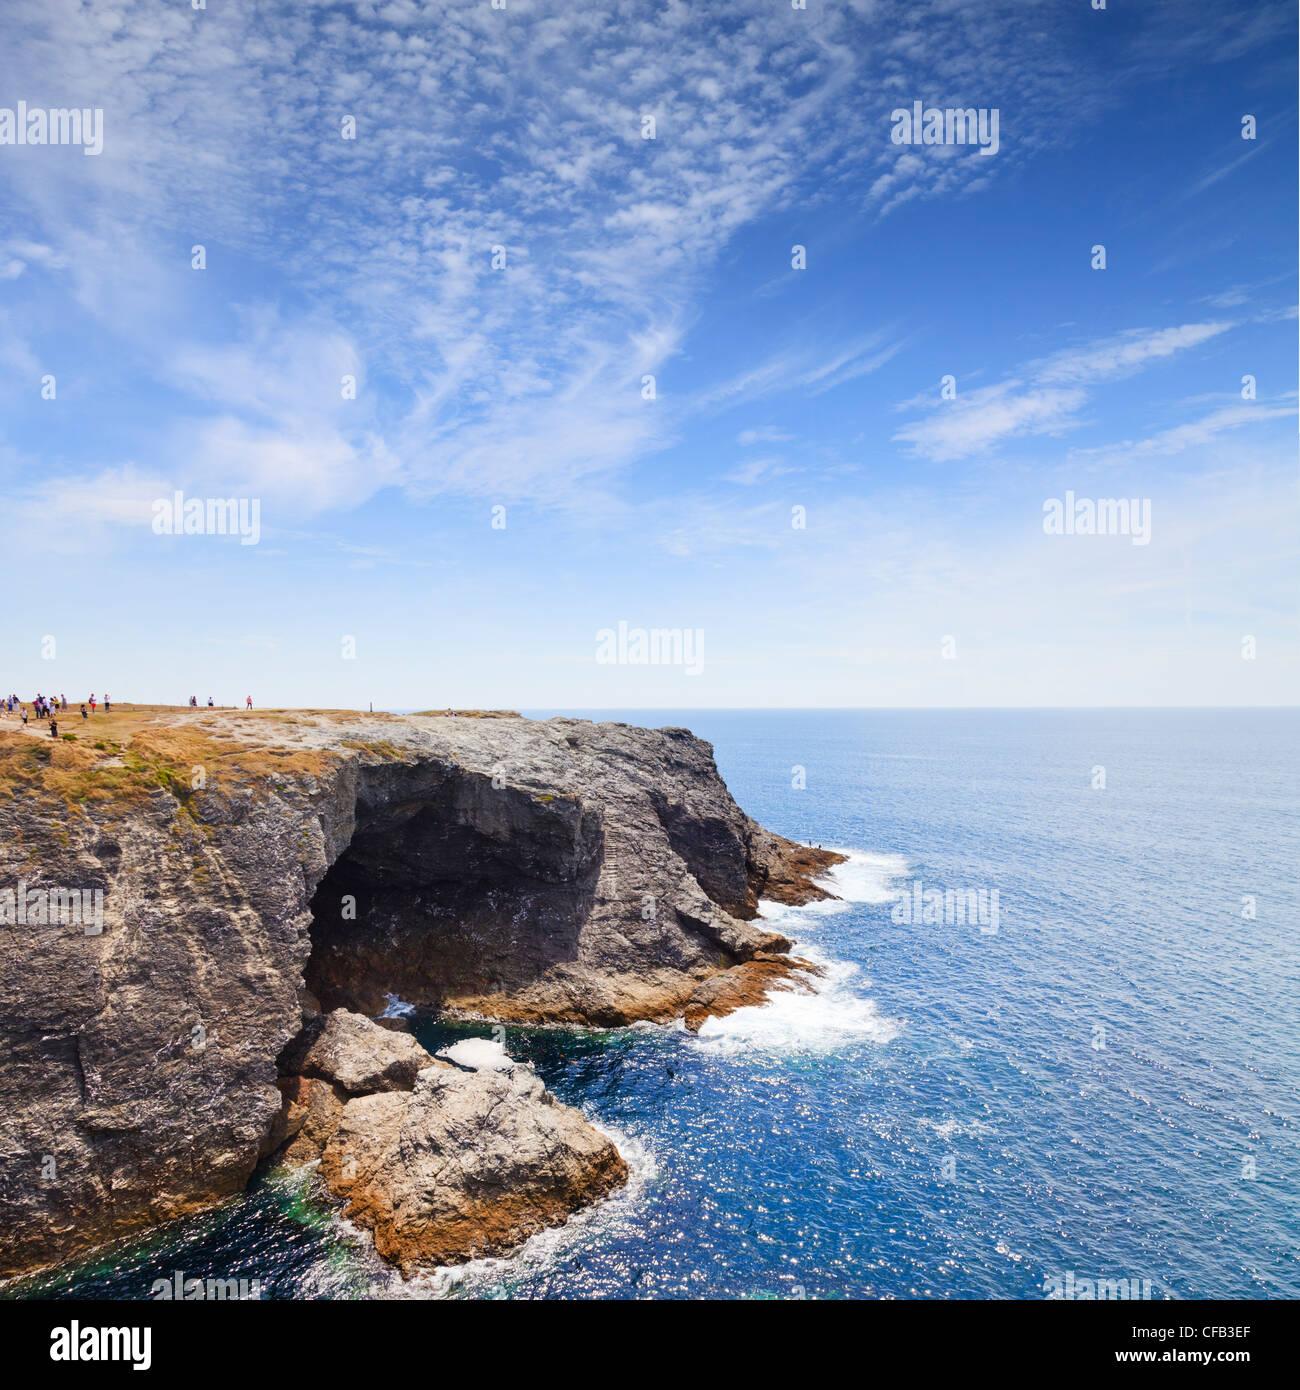 La Apothicairerie Cueva, Belle-Ile, Bretaña, Francia, uno de los lugares pintados por Monet y una gran atracción Imagen De Stock